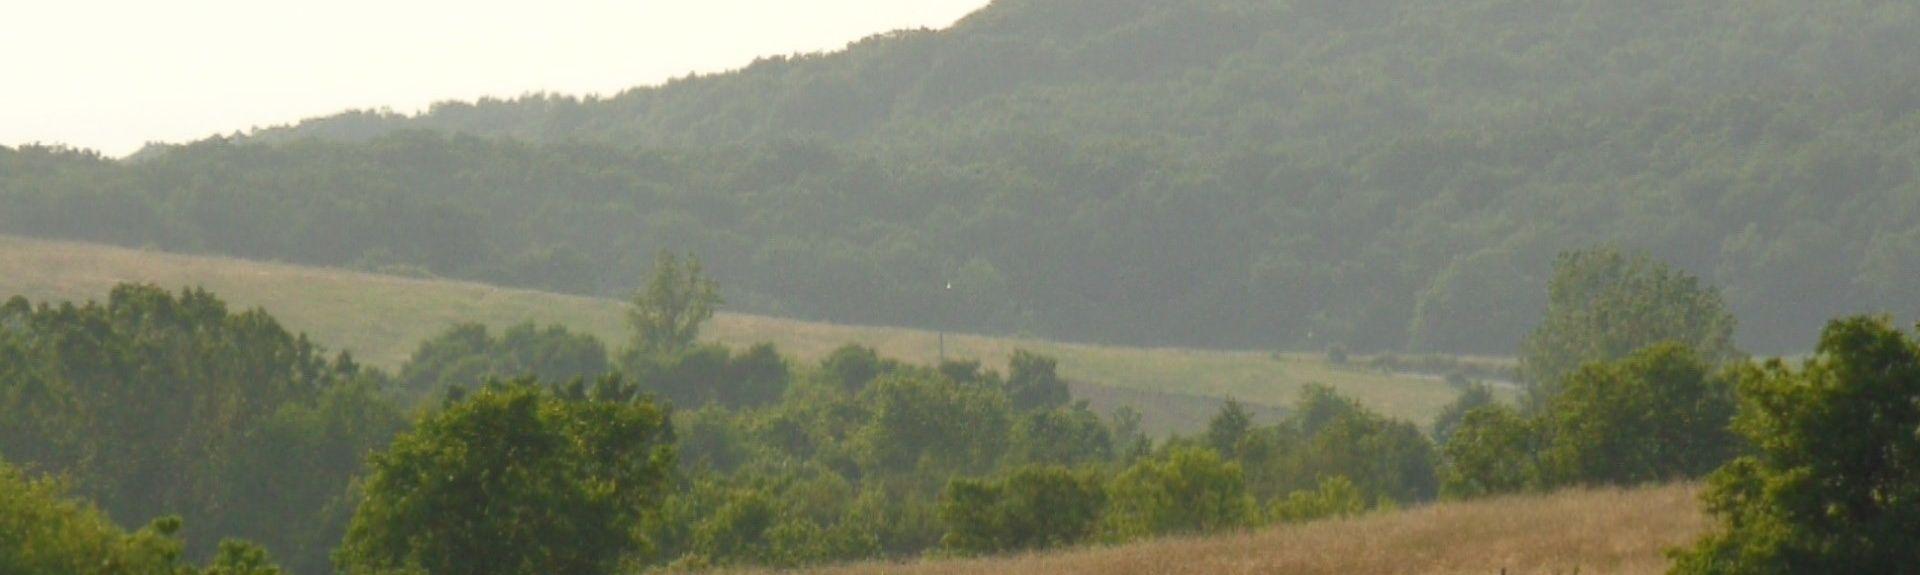 Borsod-Abaúj-Zemplén, Hungria